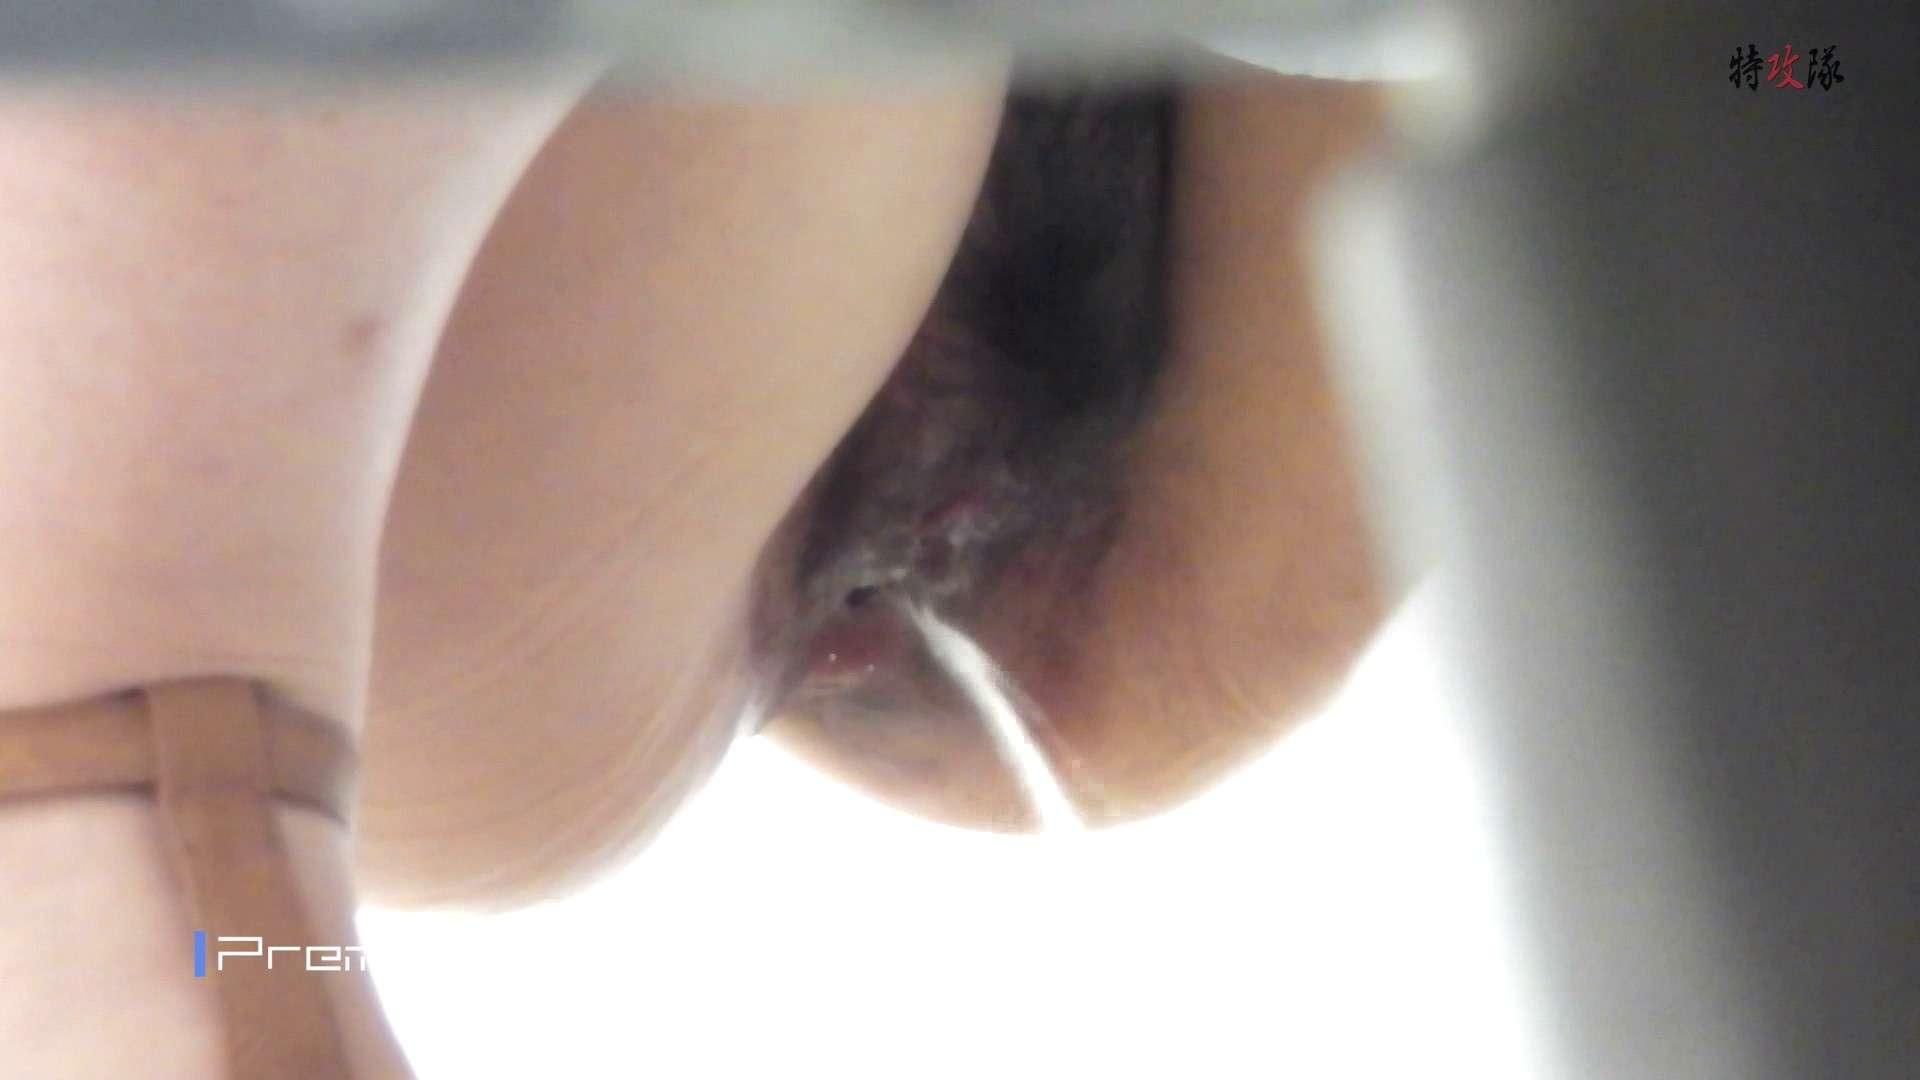 幻14 清楚系女子下半身はジャングル!!撮り師泣かせの密林 トイレ盗撮 洗面所 ヌード画像 48画像 6